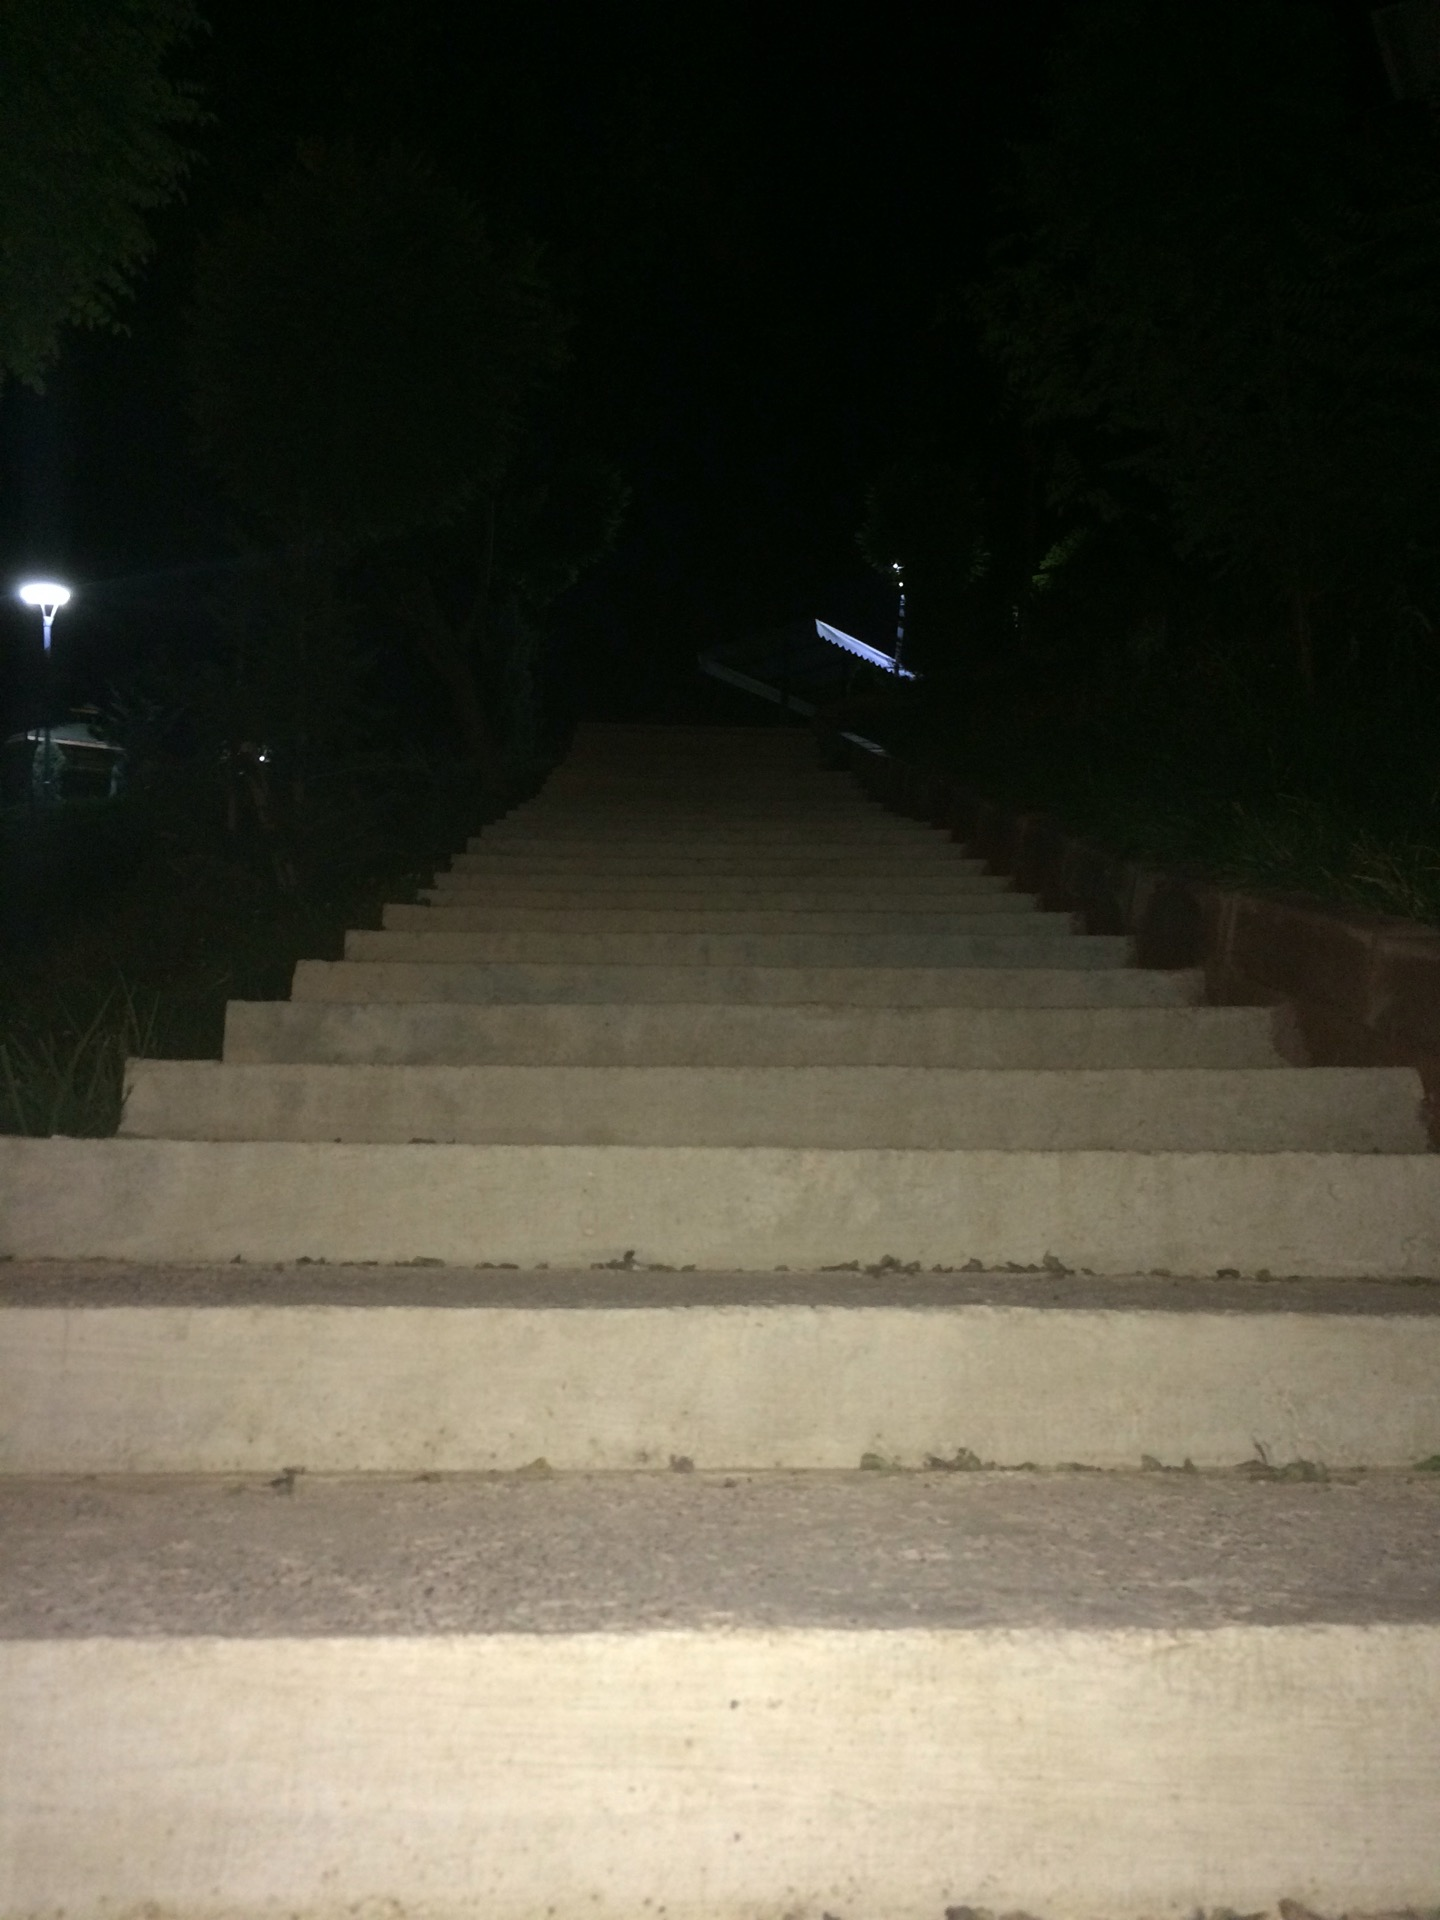 Yeşil Bayır Poliklinigi   Yeşilbayır Sağduyu Caddesi, 06480 Mamak/Ankara   +90 312 372 92 93